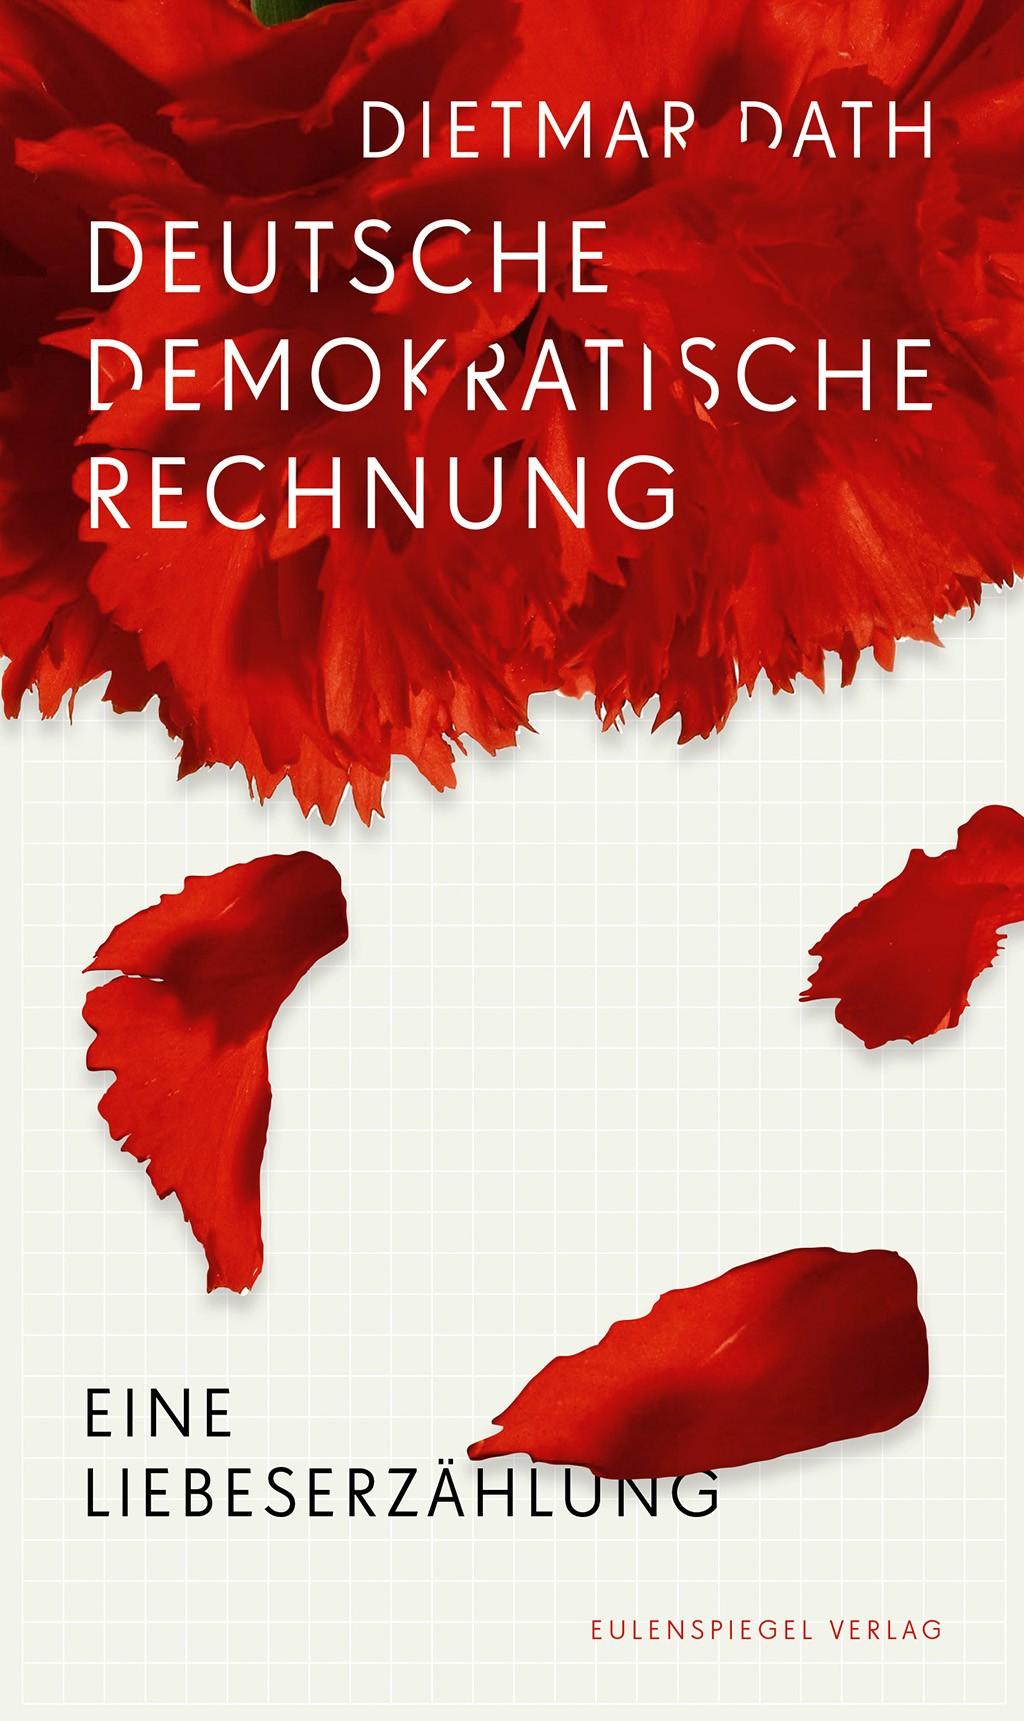 deutsche demokratische rechnung eulenspiegel verlag